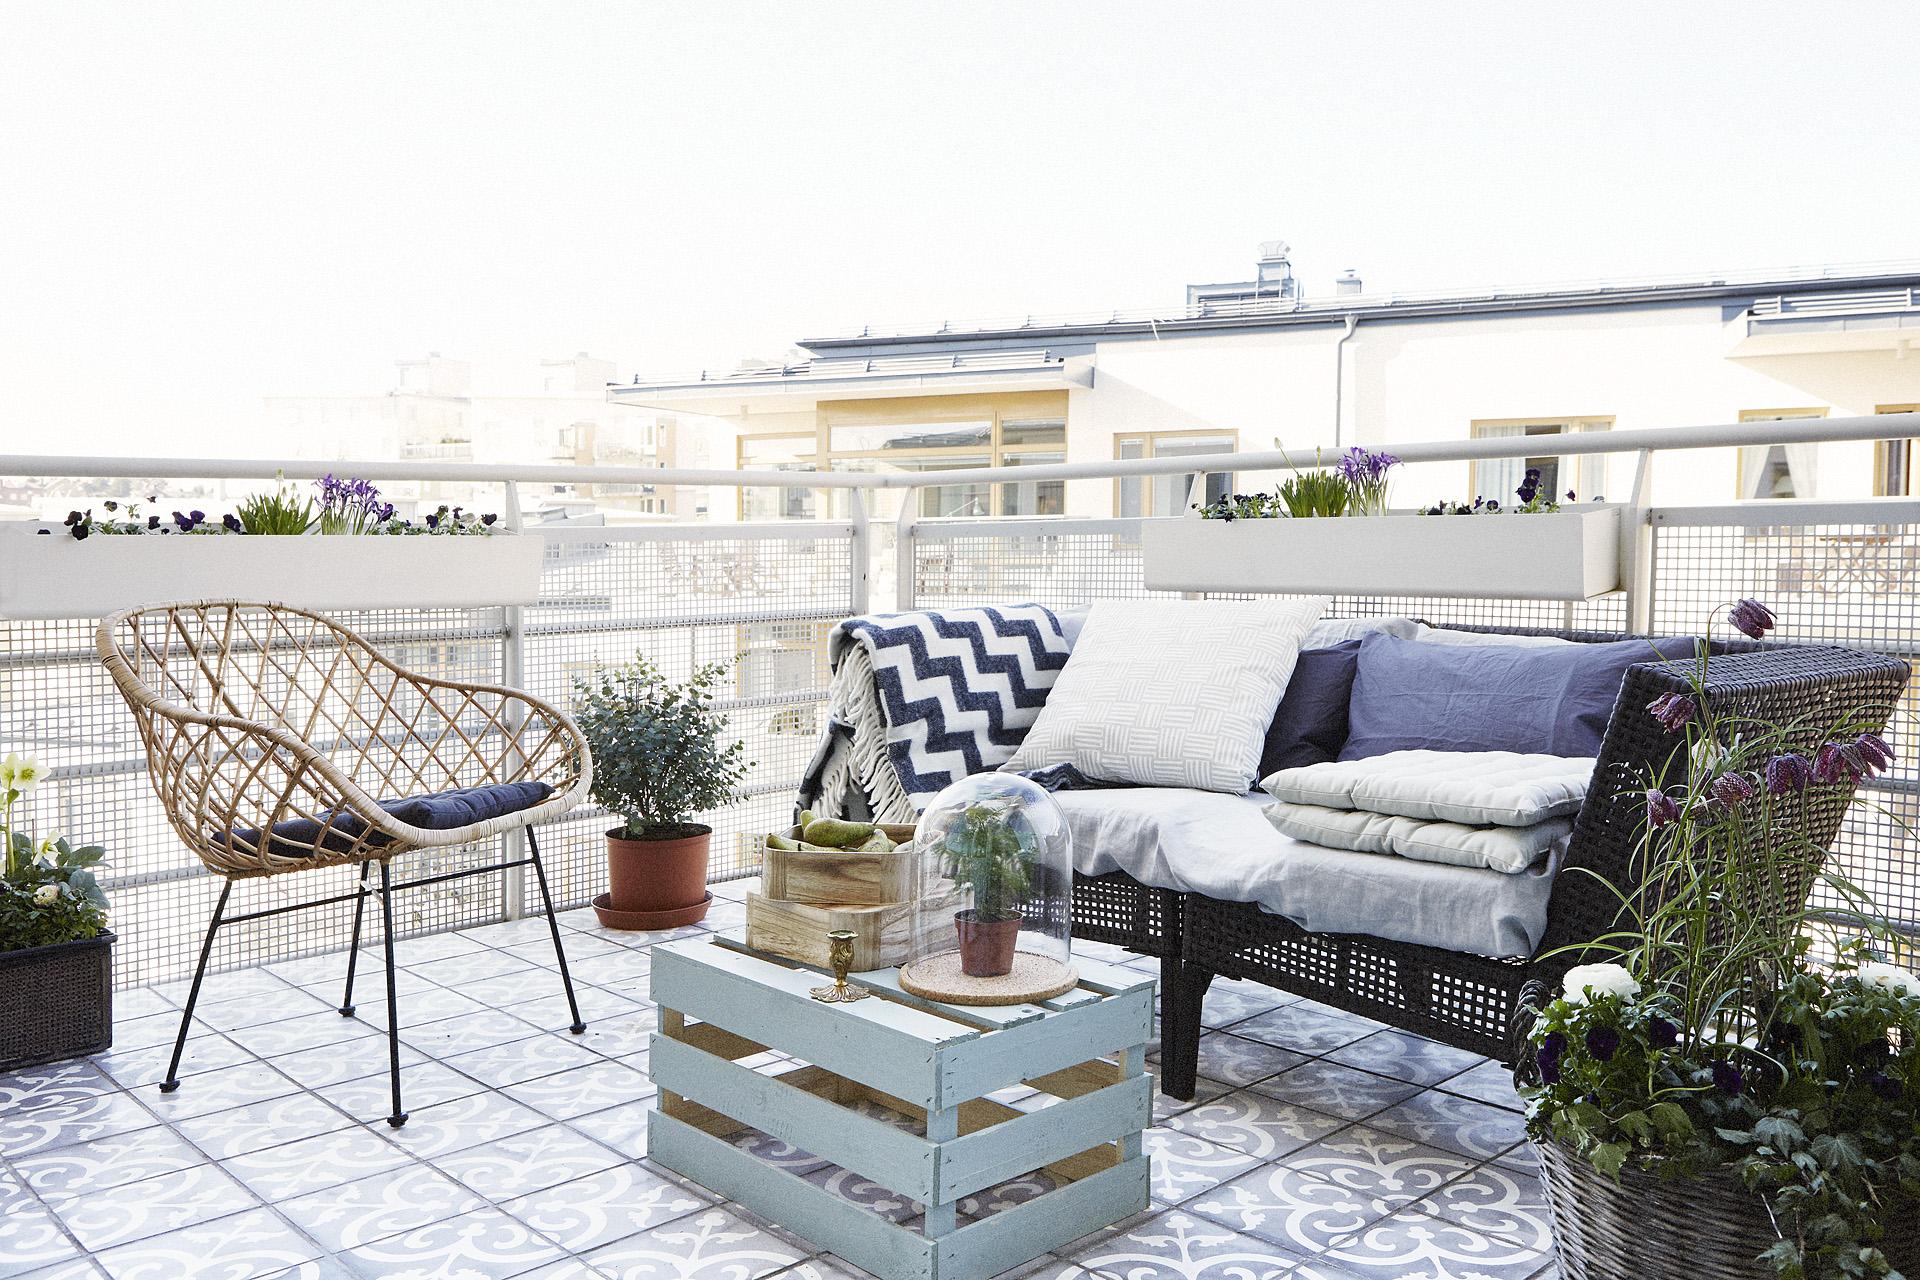 Simpel Balkon Ontwerp : Ontwerp zonnig balkon terras van 30m2 inrichting huis.com